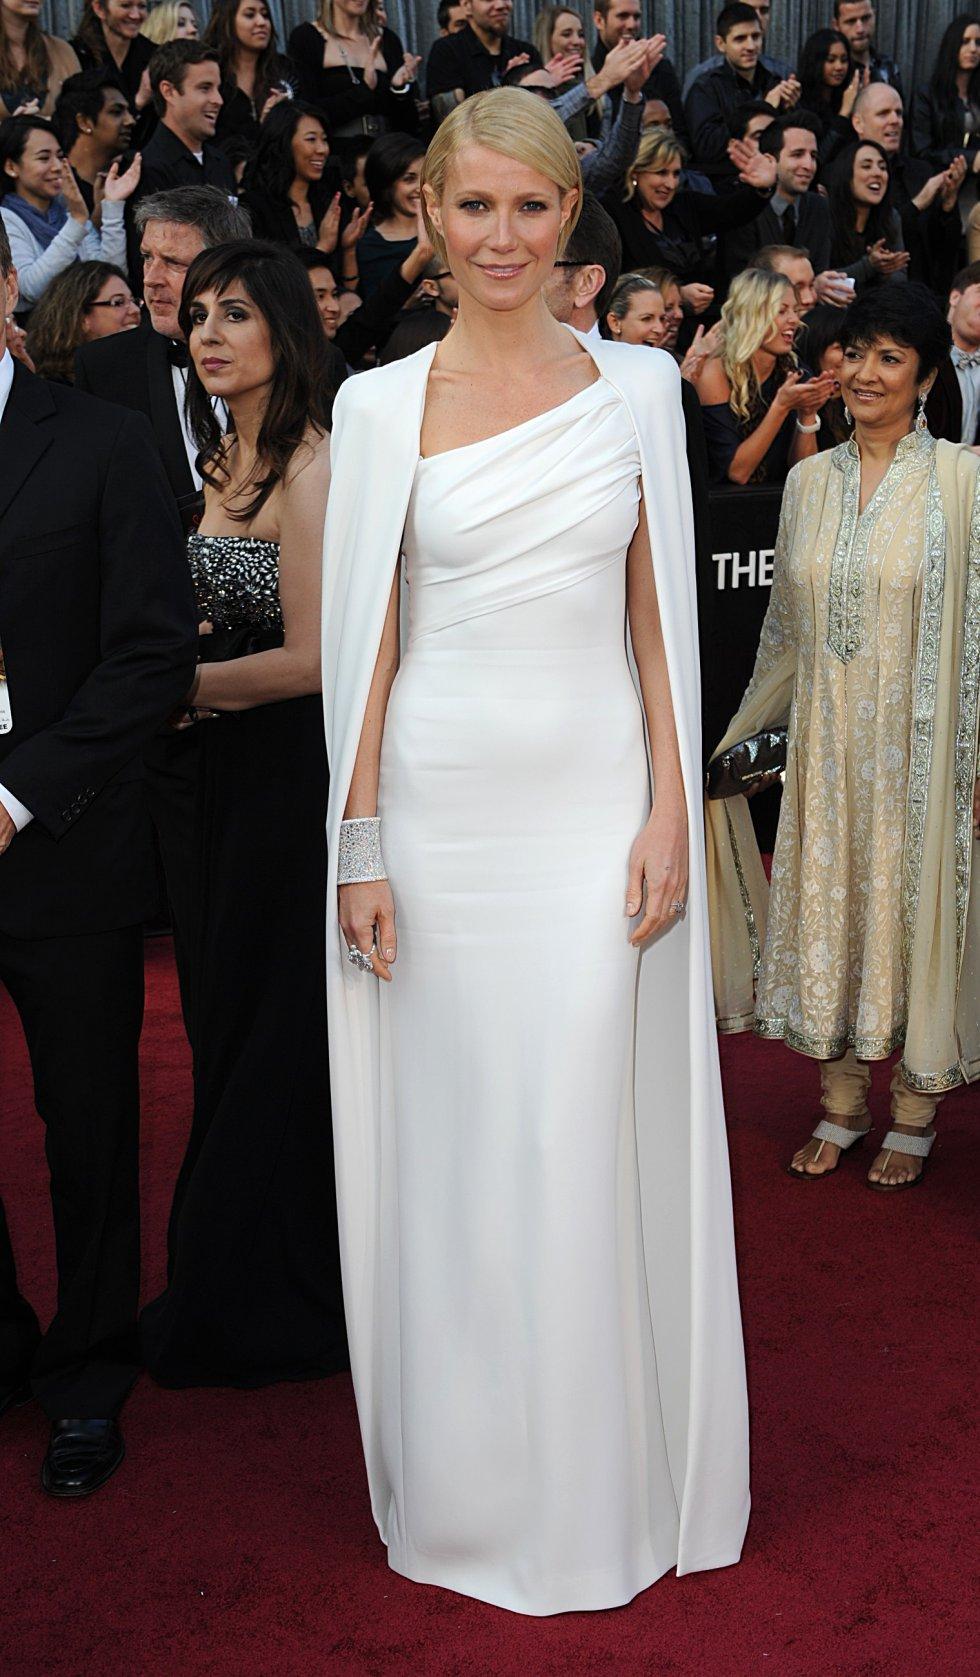 Uno de los diseños más elegantes llevados por Gwyneth Paltrow fue este traje blanco con capa de Tom Ford, en 2012.